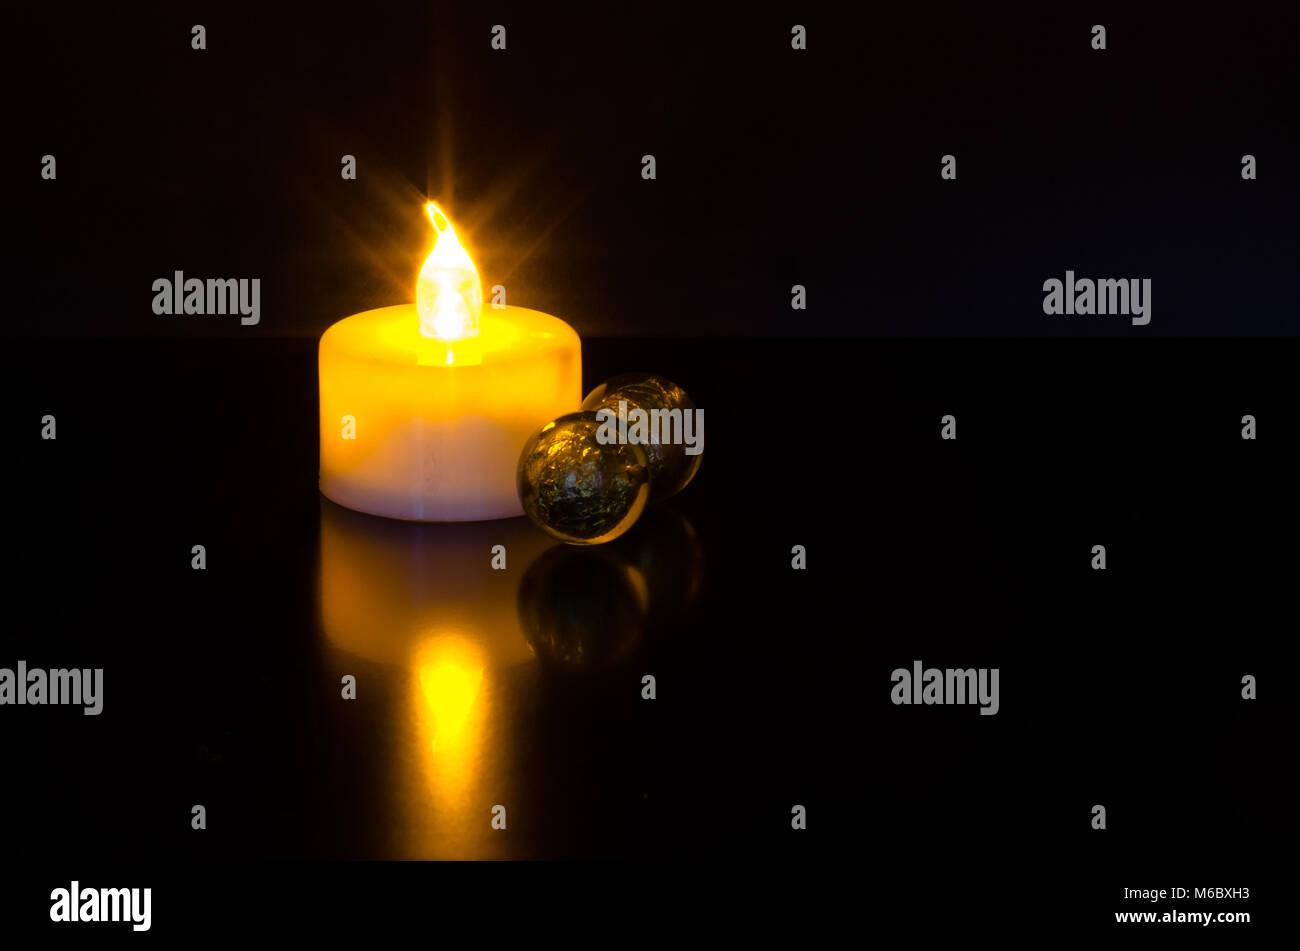 Led di candela luce riflessione scintillanti e marmo verde palle su sfondo nero Immagini Stock